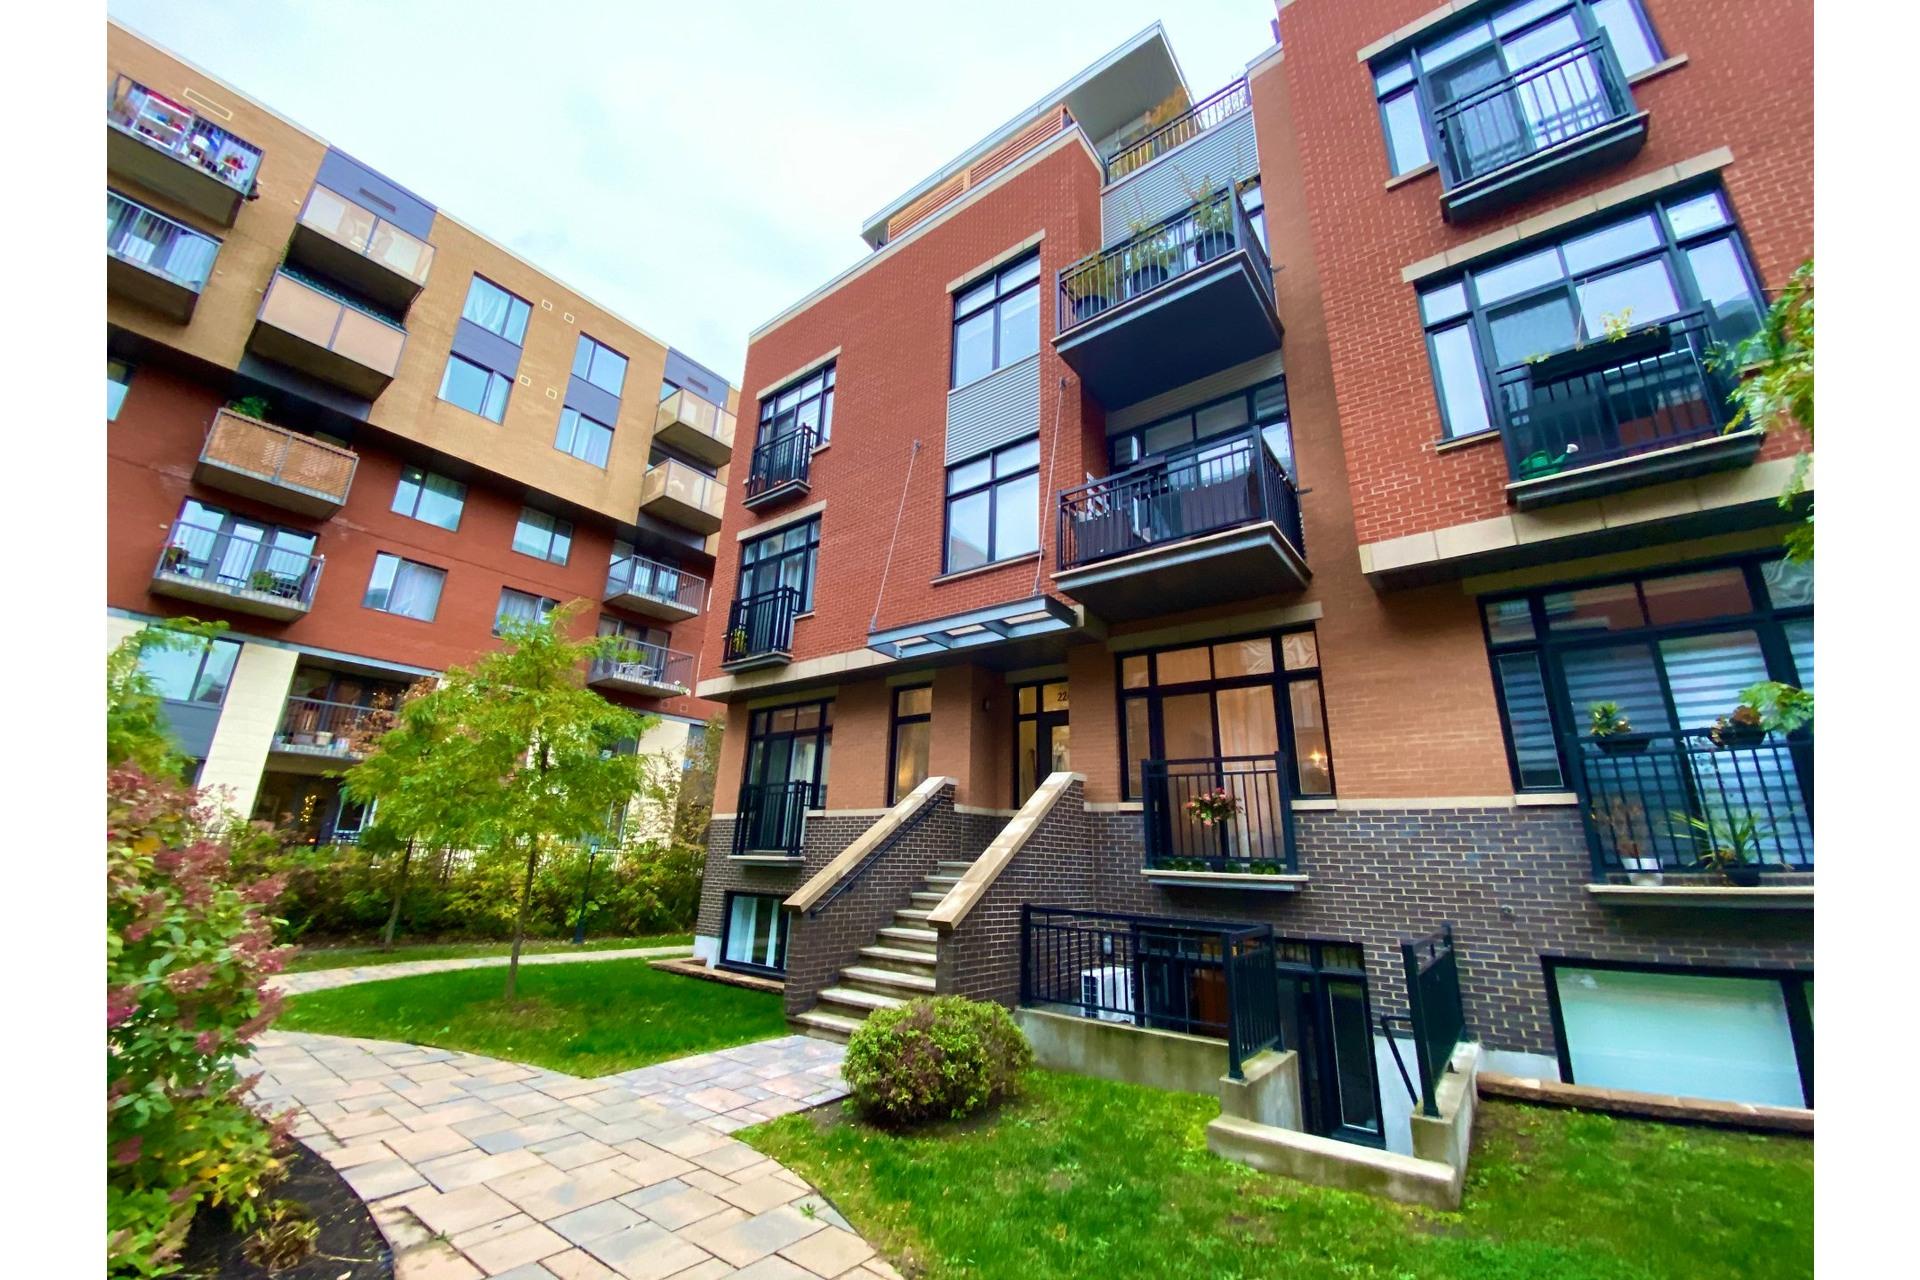 image 21 - Appartement À vendre Lachine Montréal  - 7 pièces